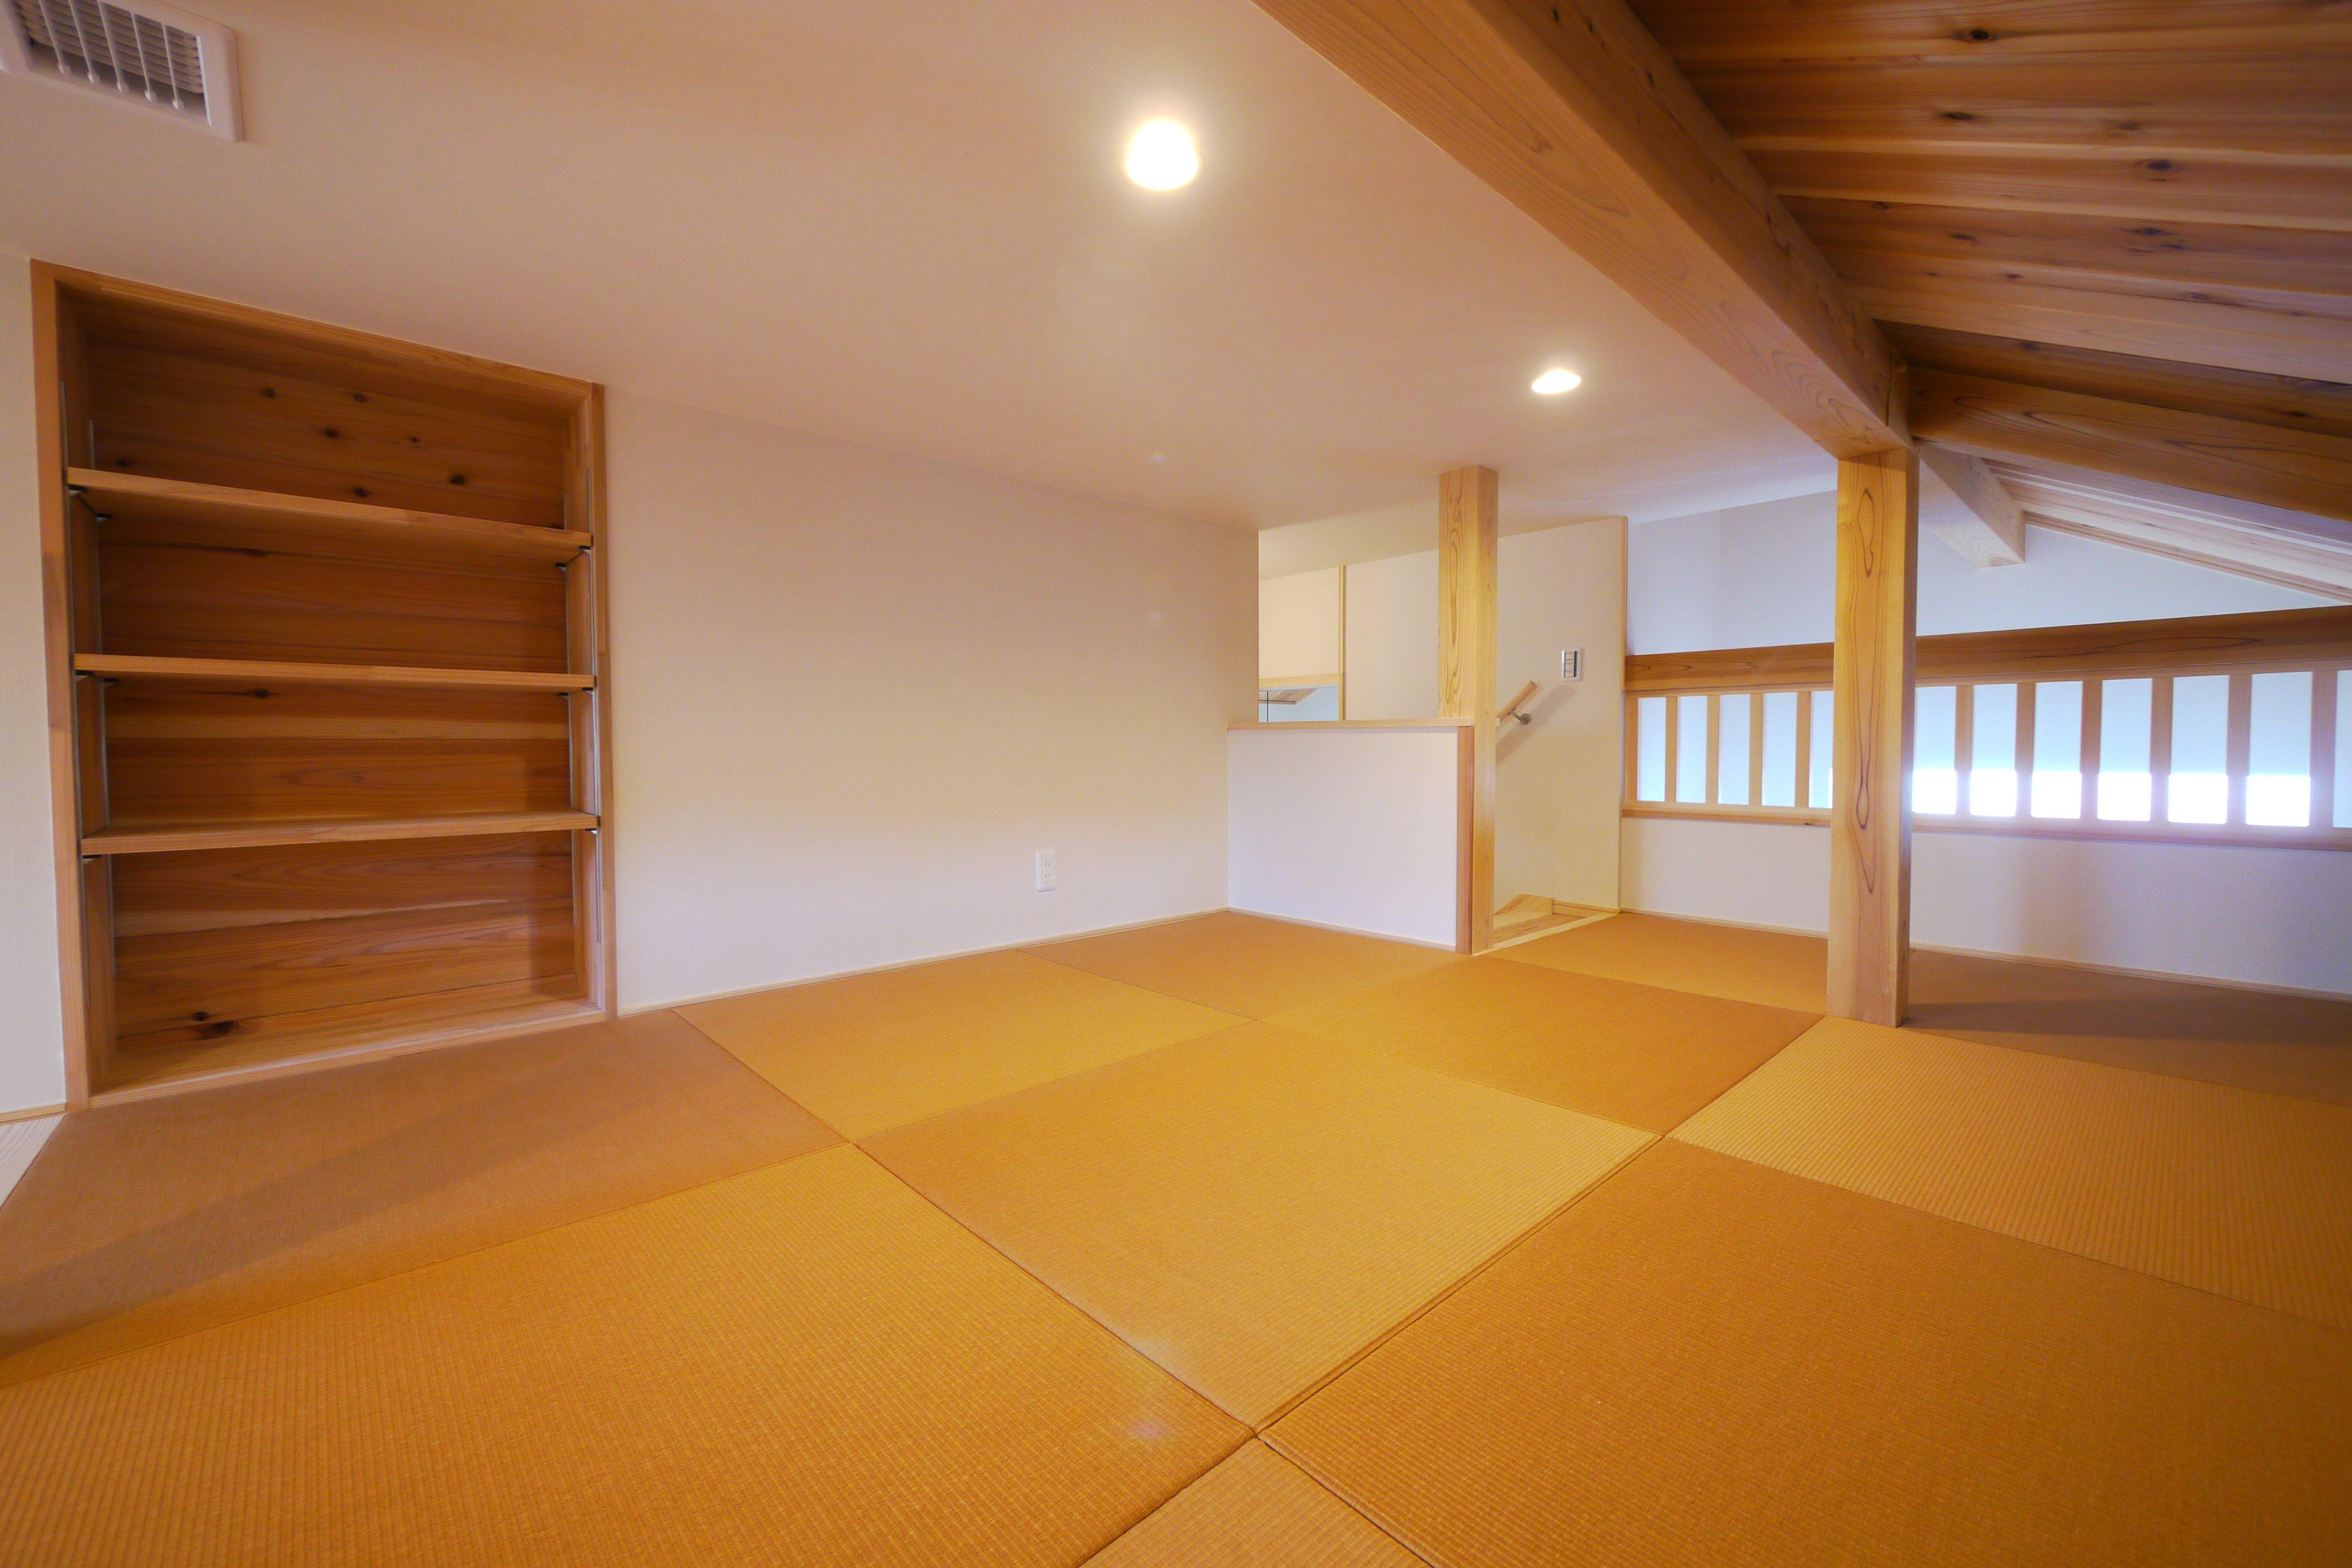 拘りの小屋裏収納 全館空調により夏場も蒸し暑くなく快適な空間です